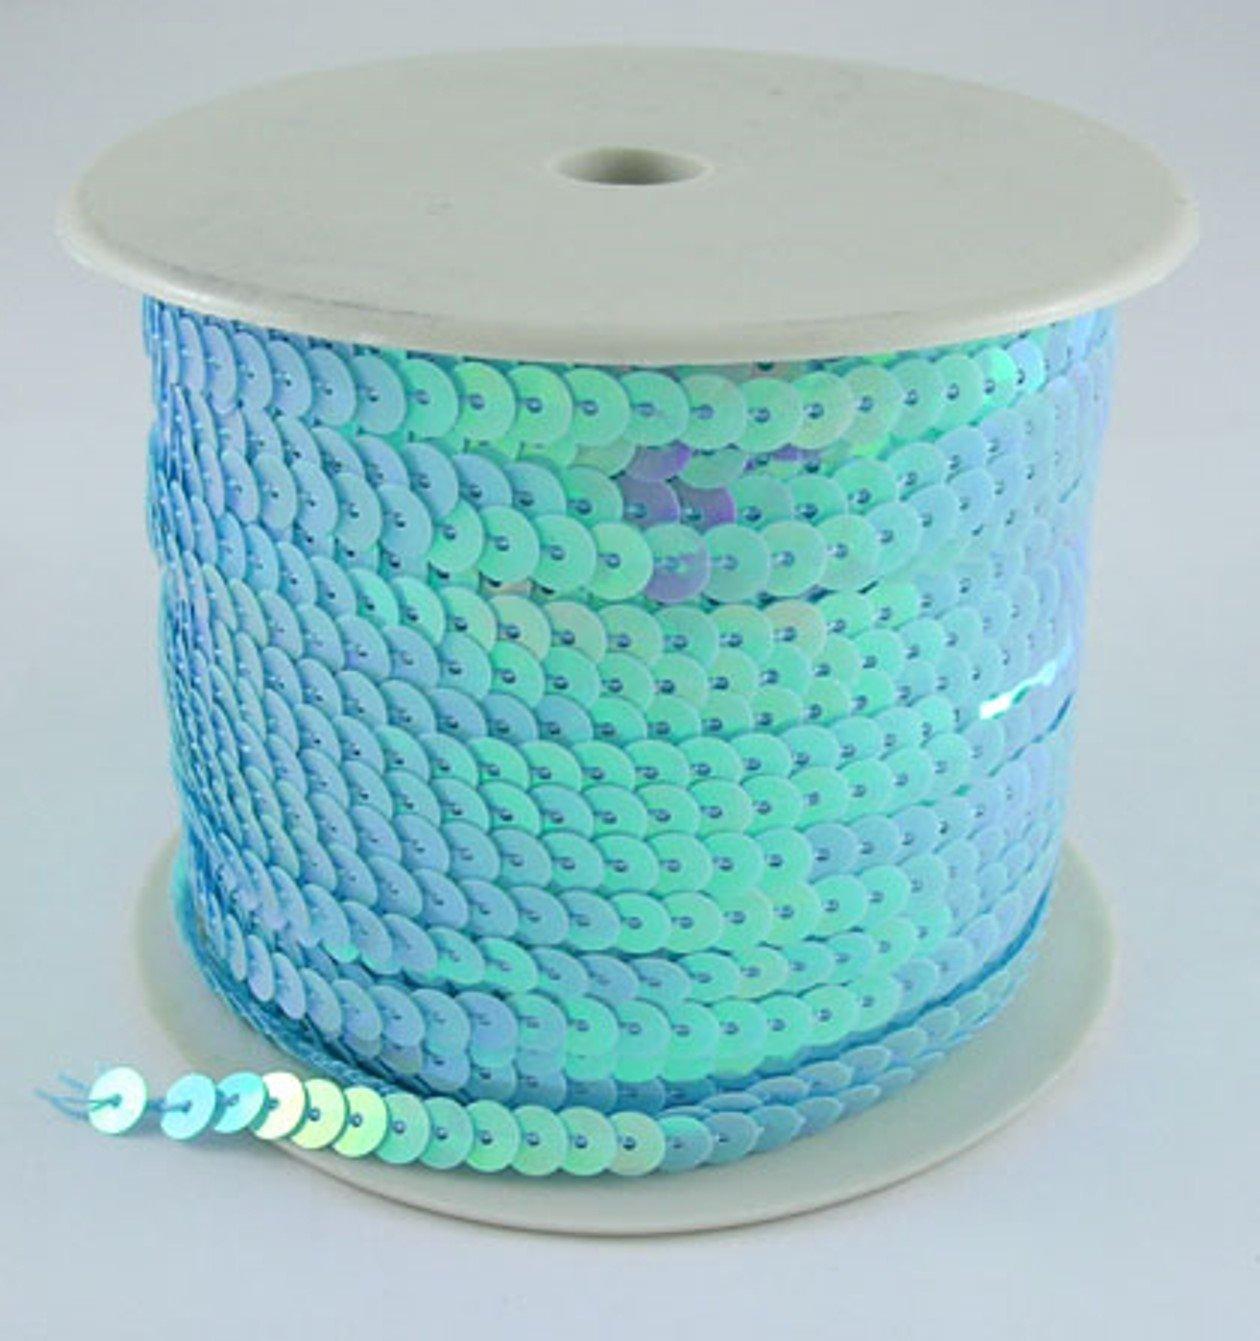 Paillettes nastro azzurro 6mm di larghezza e 91meter fai da te, colore platino Bastel Express 4250983909845